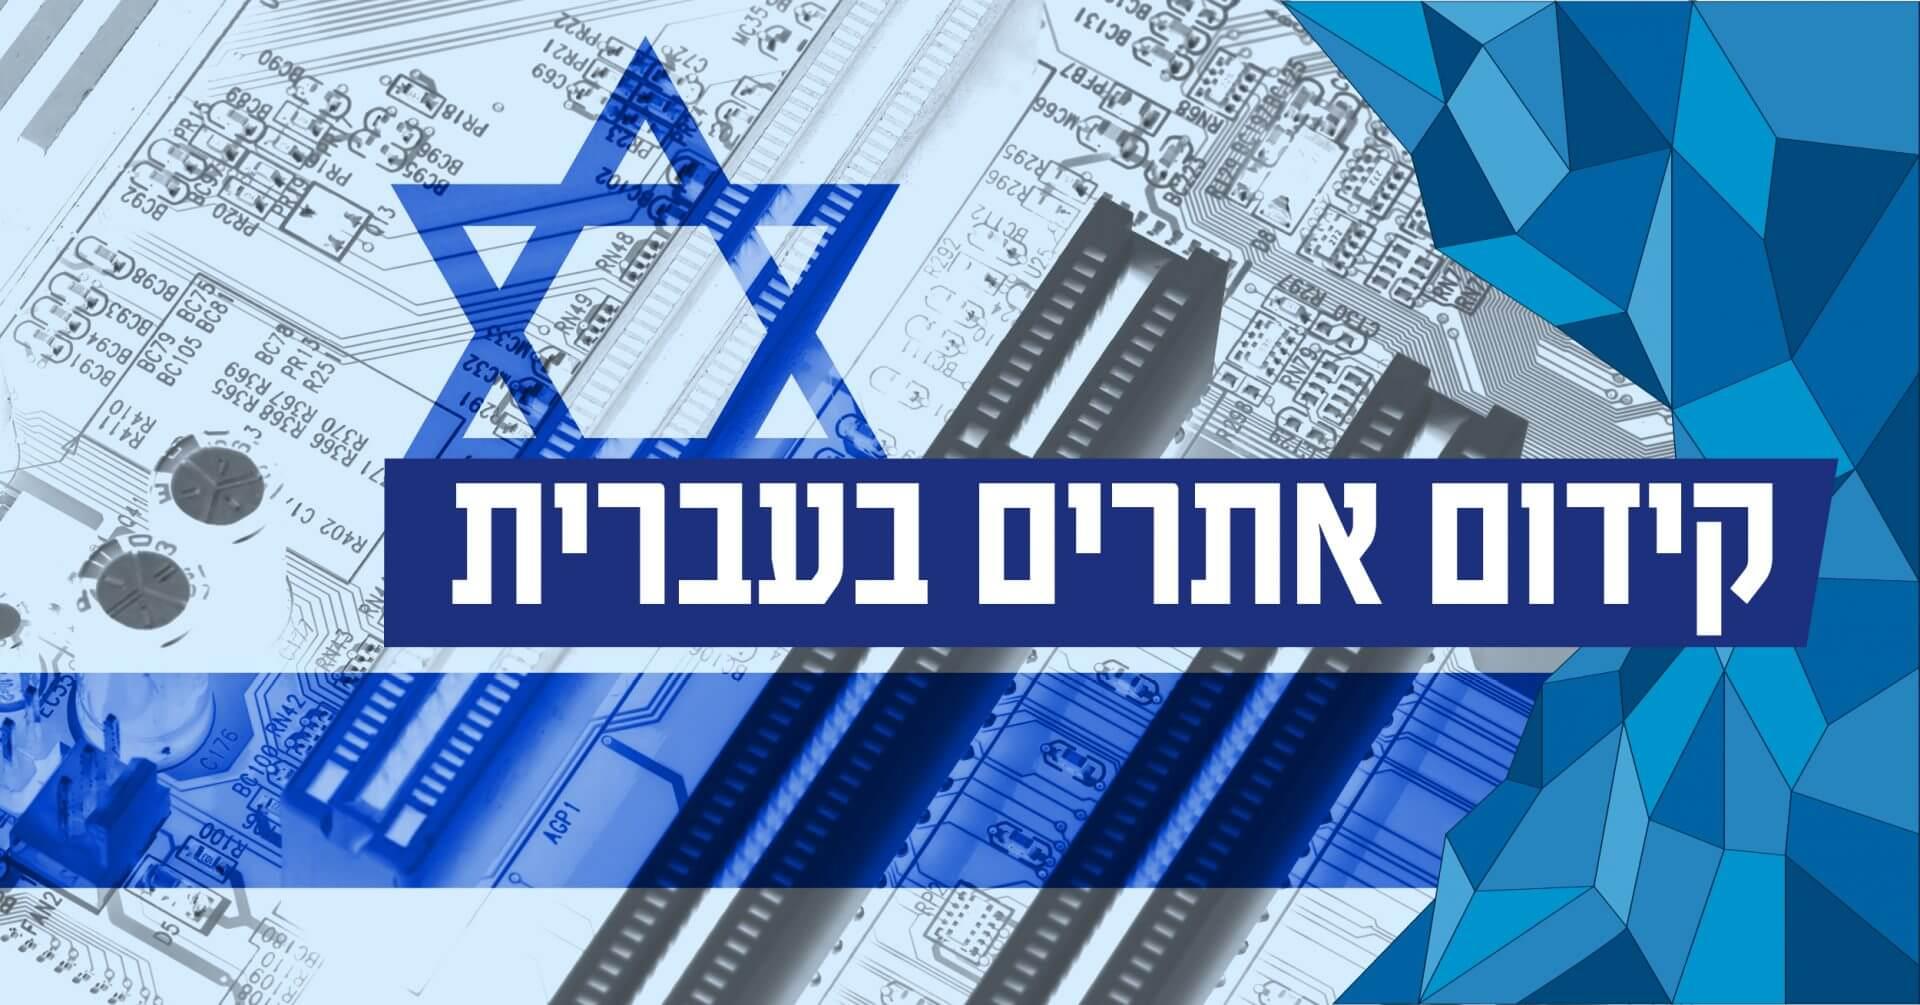 קידום אתרים בעברית - פרסונאס מדיה